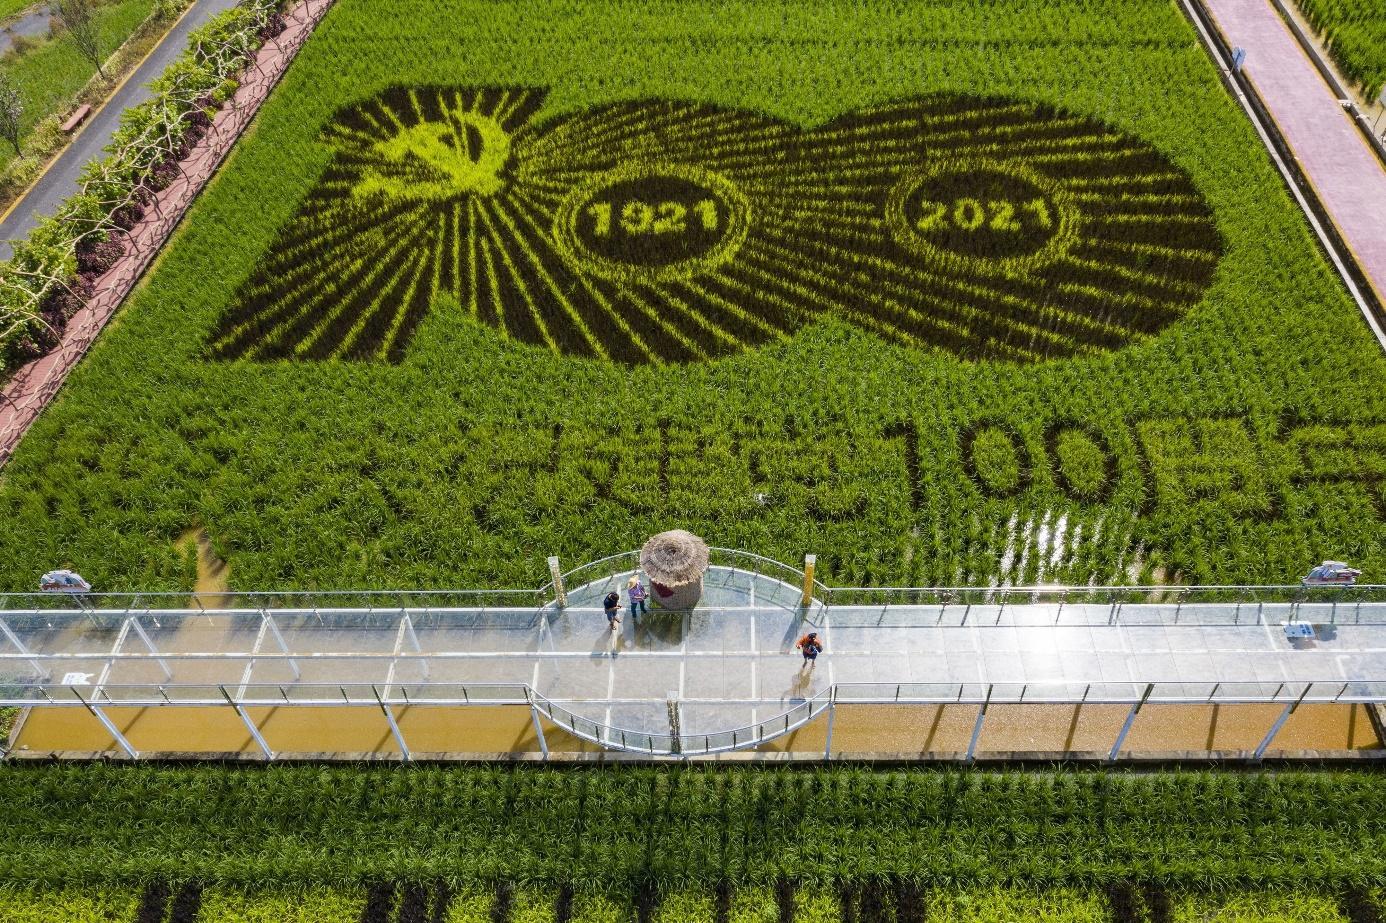 Afbeelding met gras  Automatisch gegenereerde beschrijving